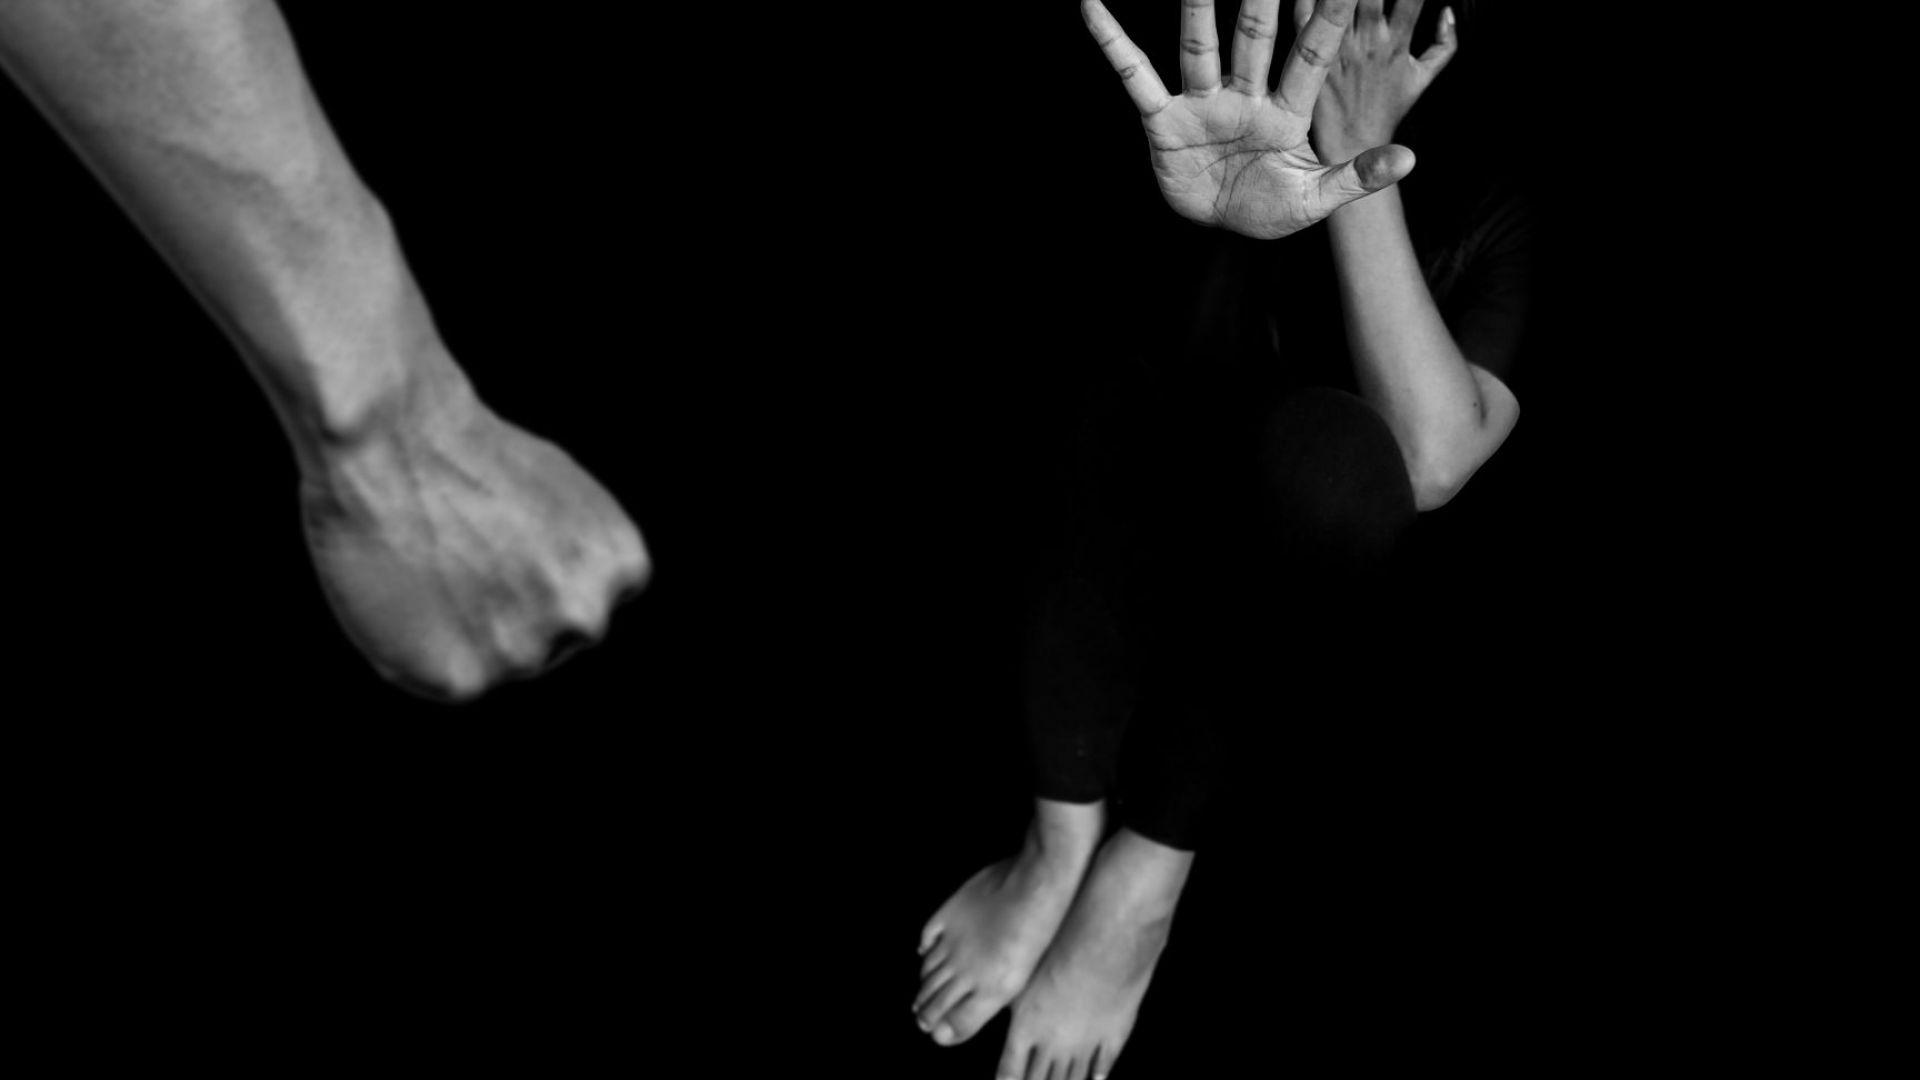 Официално - доживот за убийство на половинката след домашно насилие